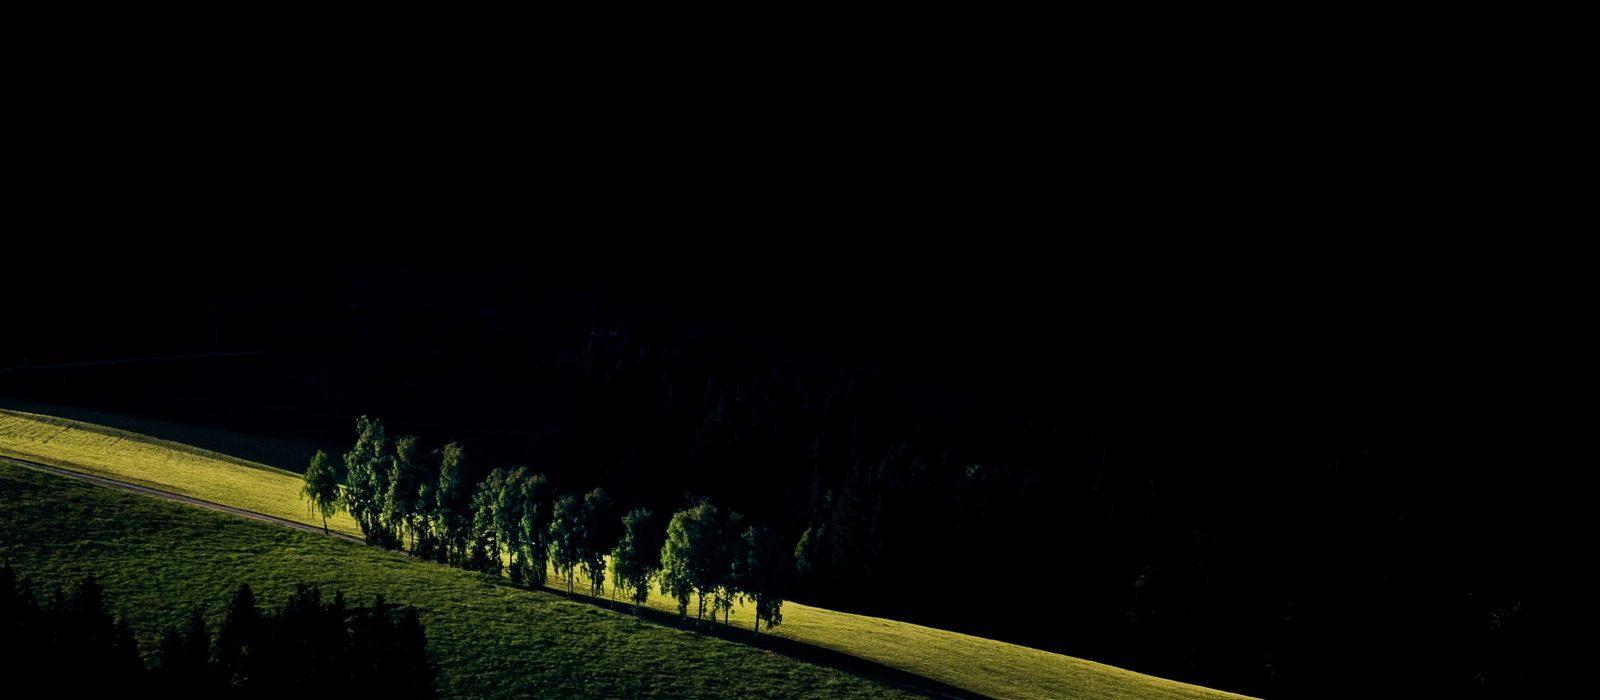 Kleiner von der Sonne beleuchteter Hang in dessen Mitte Bäume in einer Reihe stehen. Vordergrund und Hintergrund liegen schon komplett im Schatten, wodurch die beleuchteten Bäume hervorstechen.